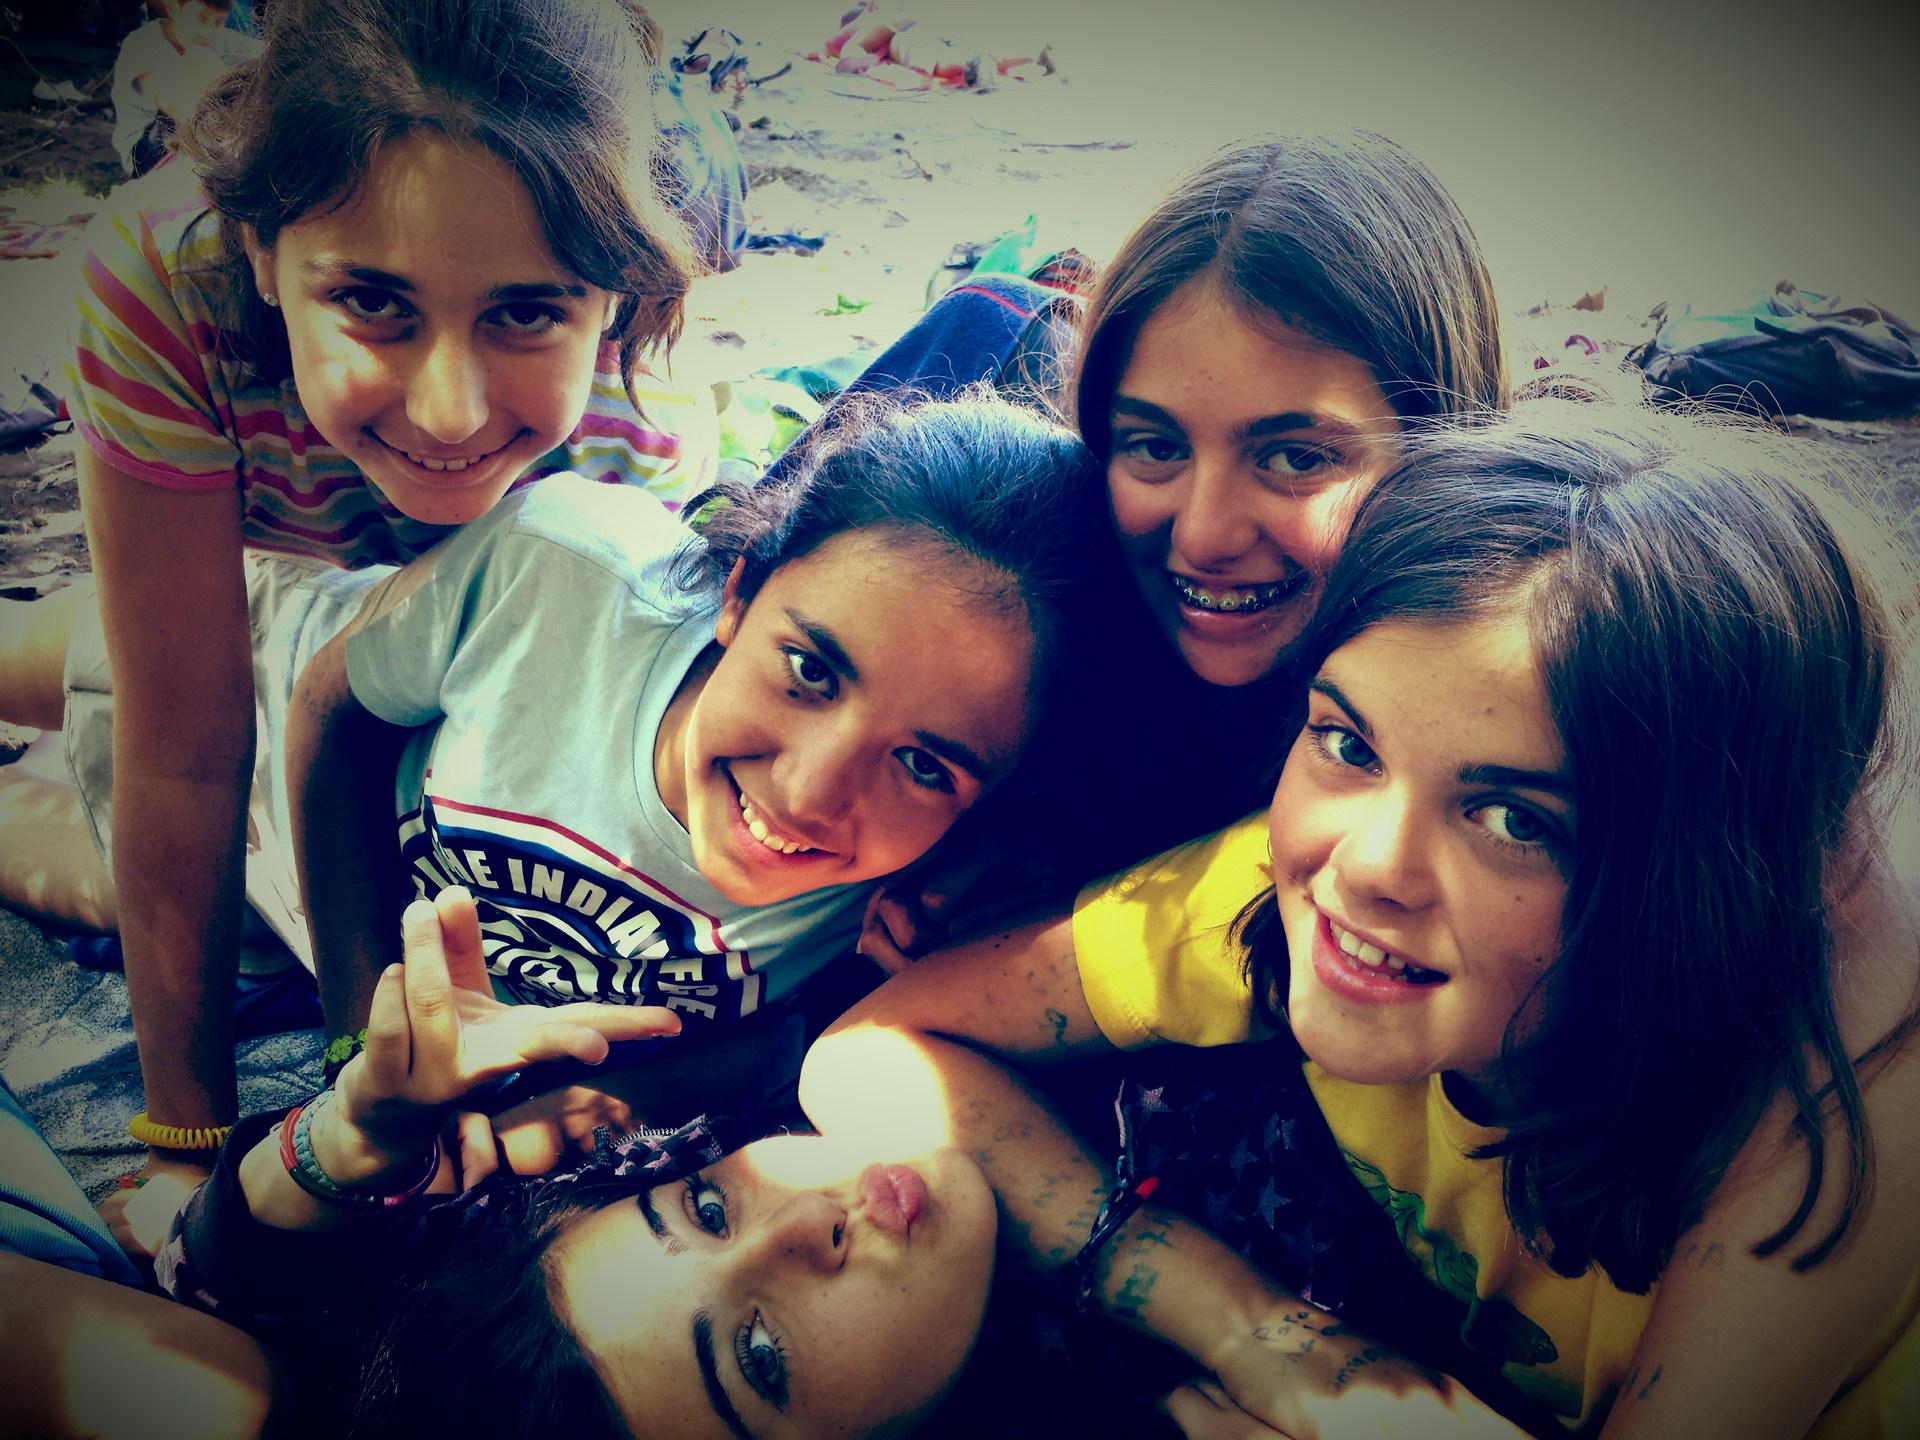 Campamentos de Verano en España para niños jóvenes adolescentes Multiaventura con inglés o español